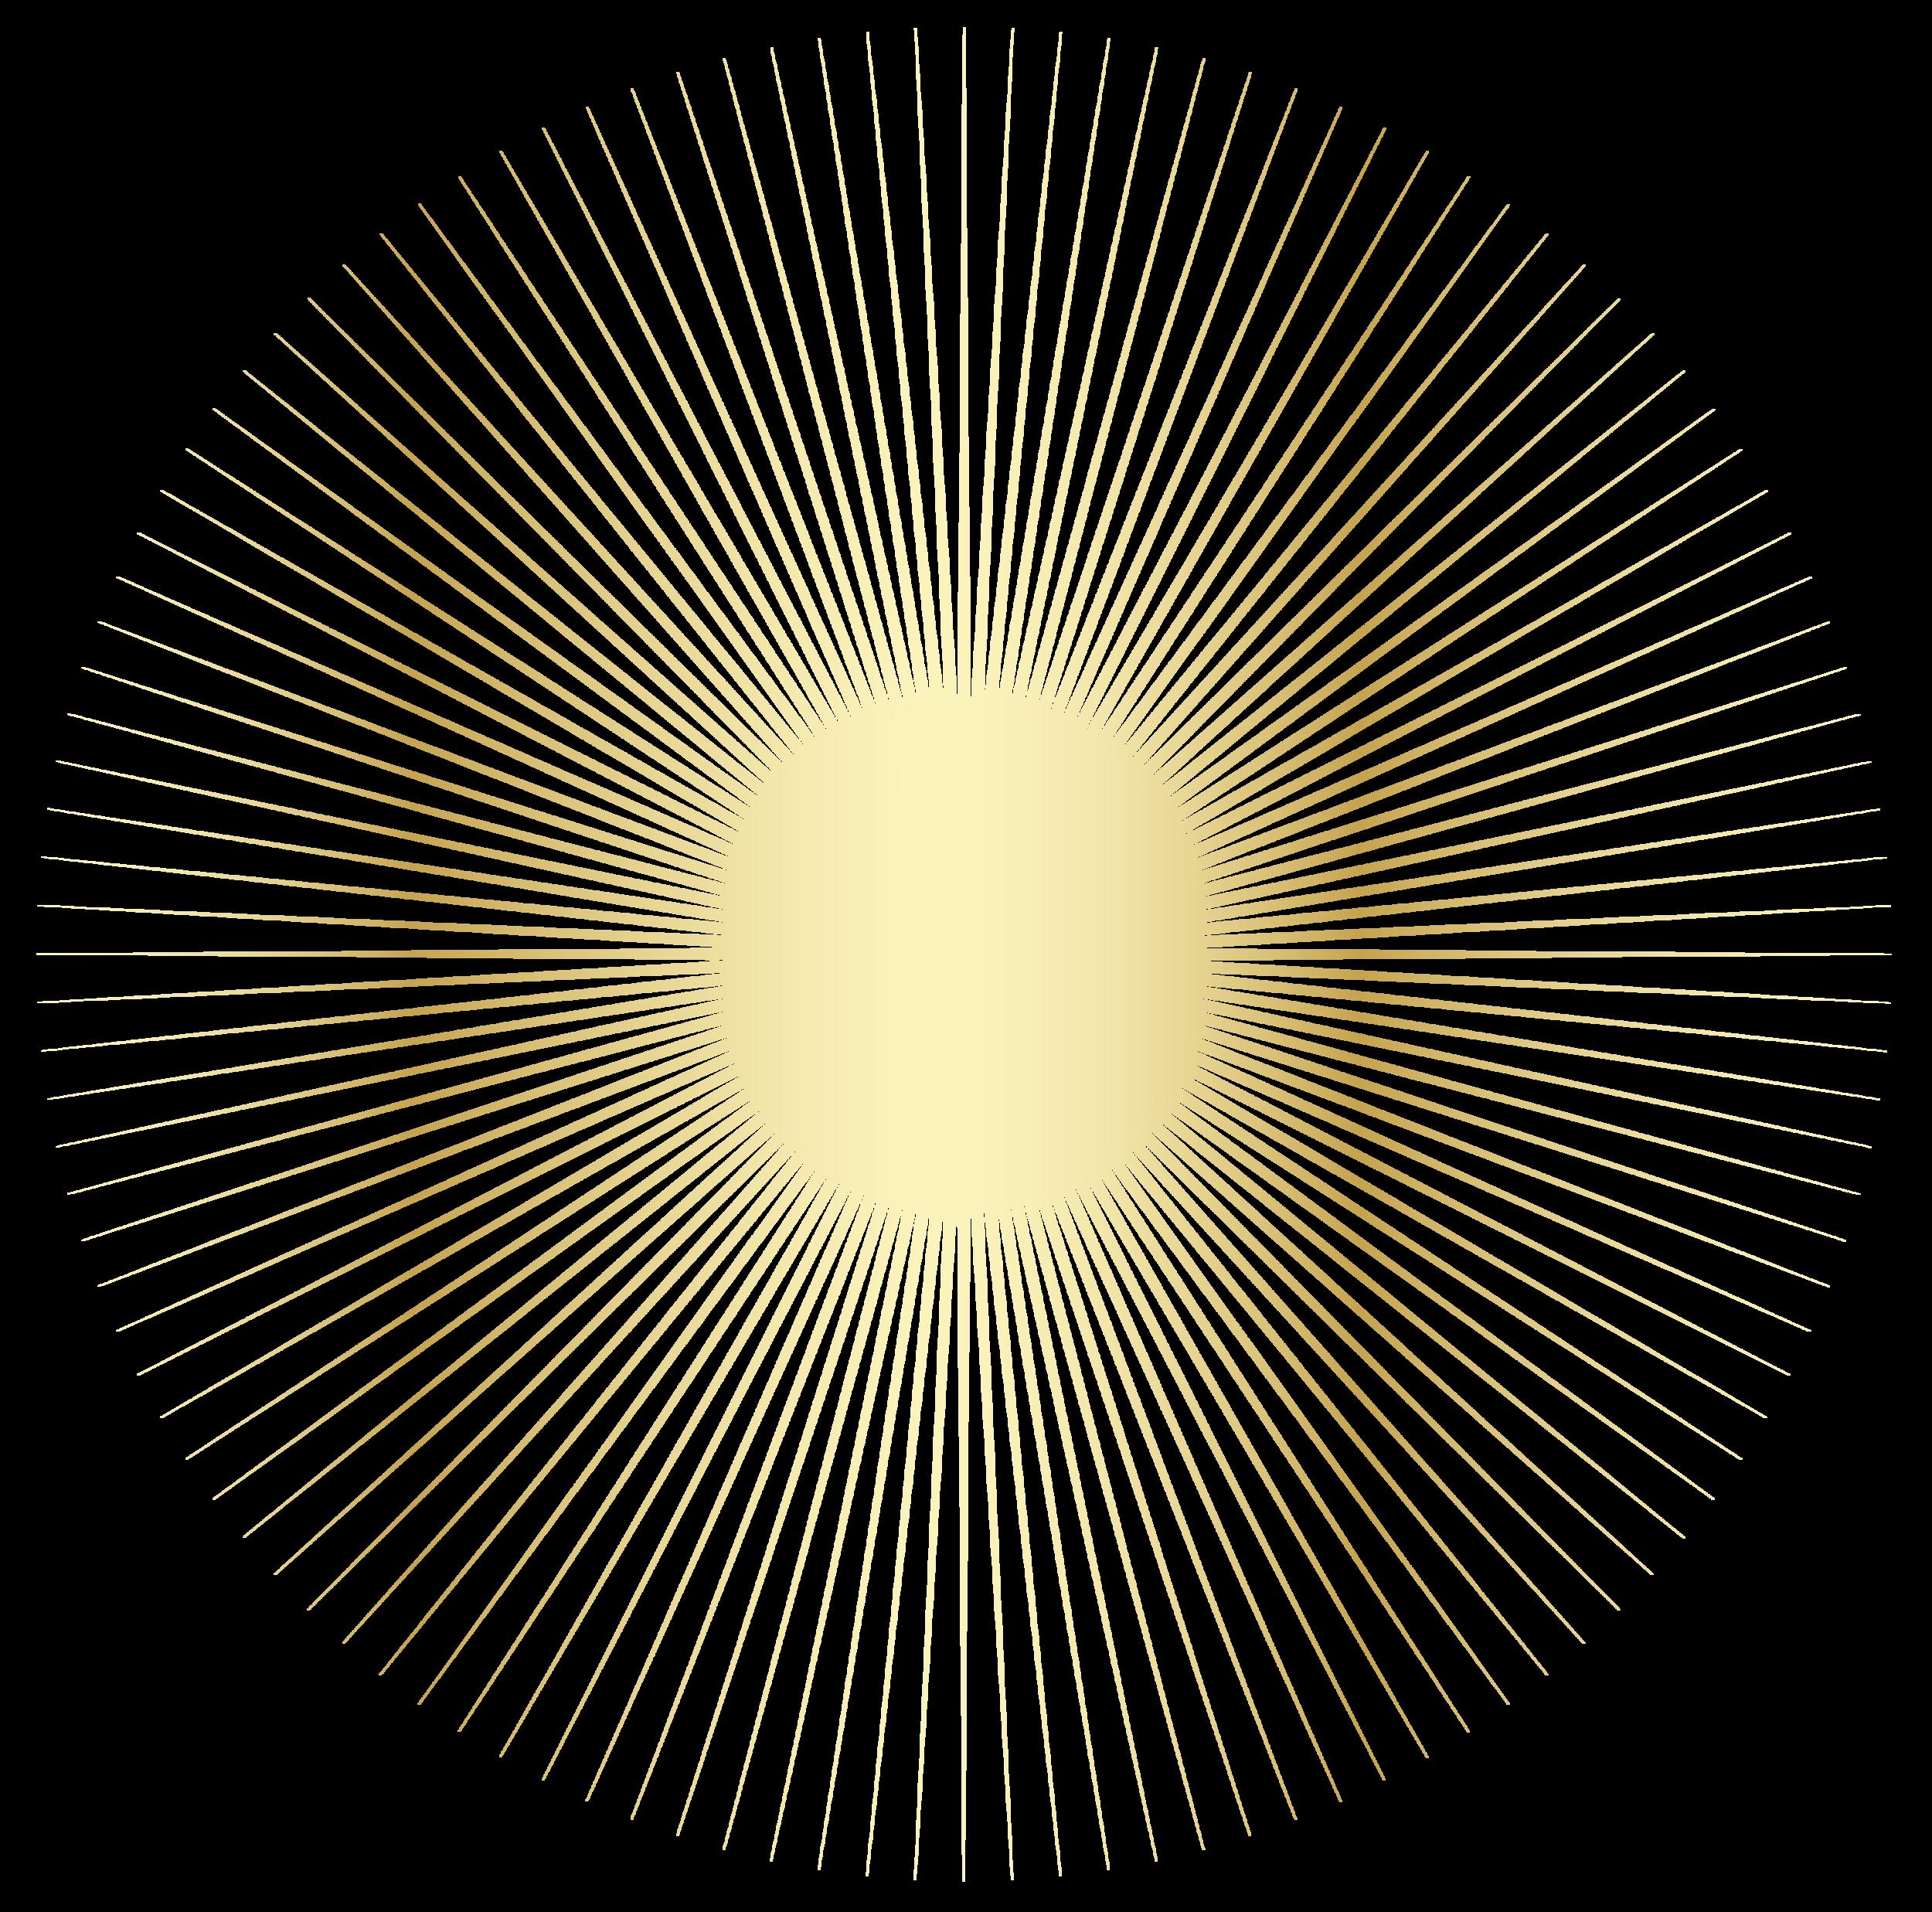 Transparent_Gold_Sun_Decor_PNG_Clipart_Picture.png